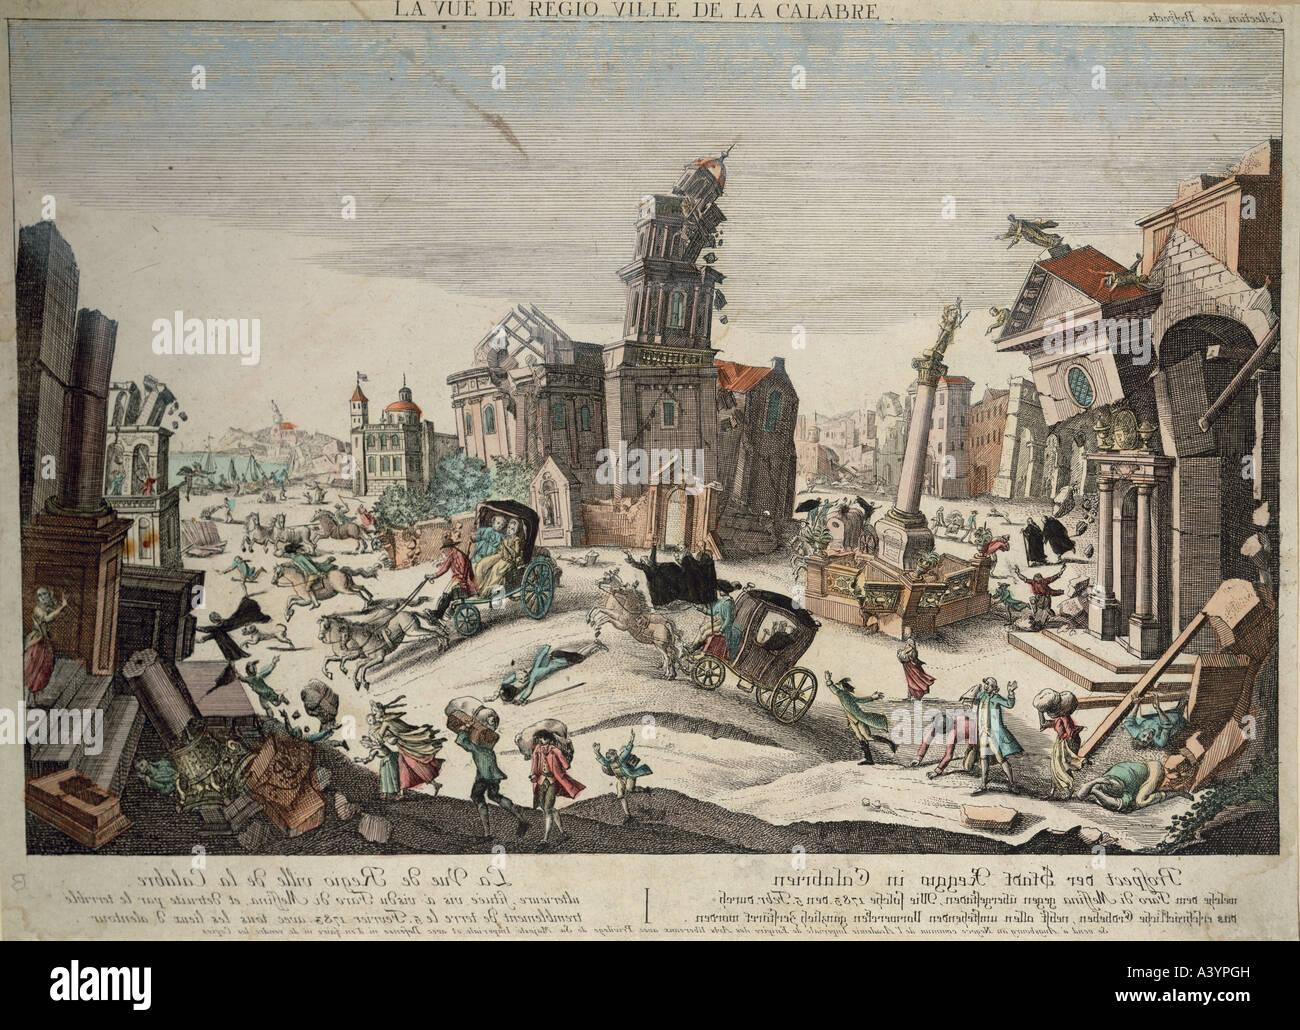 Desastre natural / catástrofe, terremoto, Reggio Calabria, 5.2.1783, Copyright del artista no ha de ser borrado Foto de stock